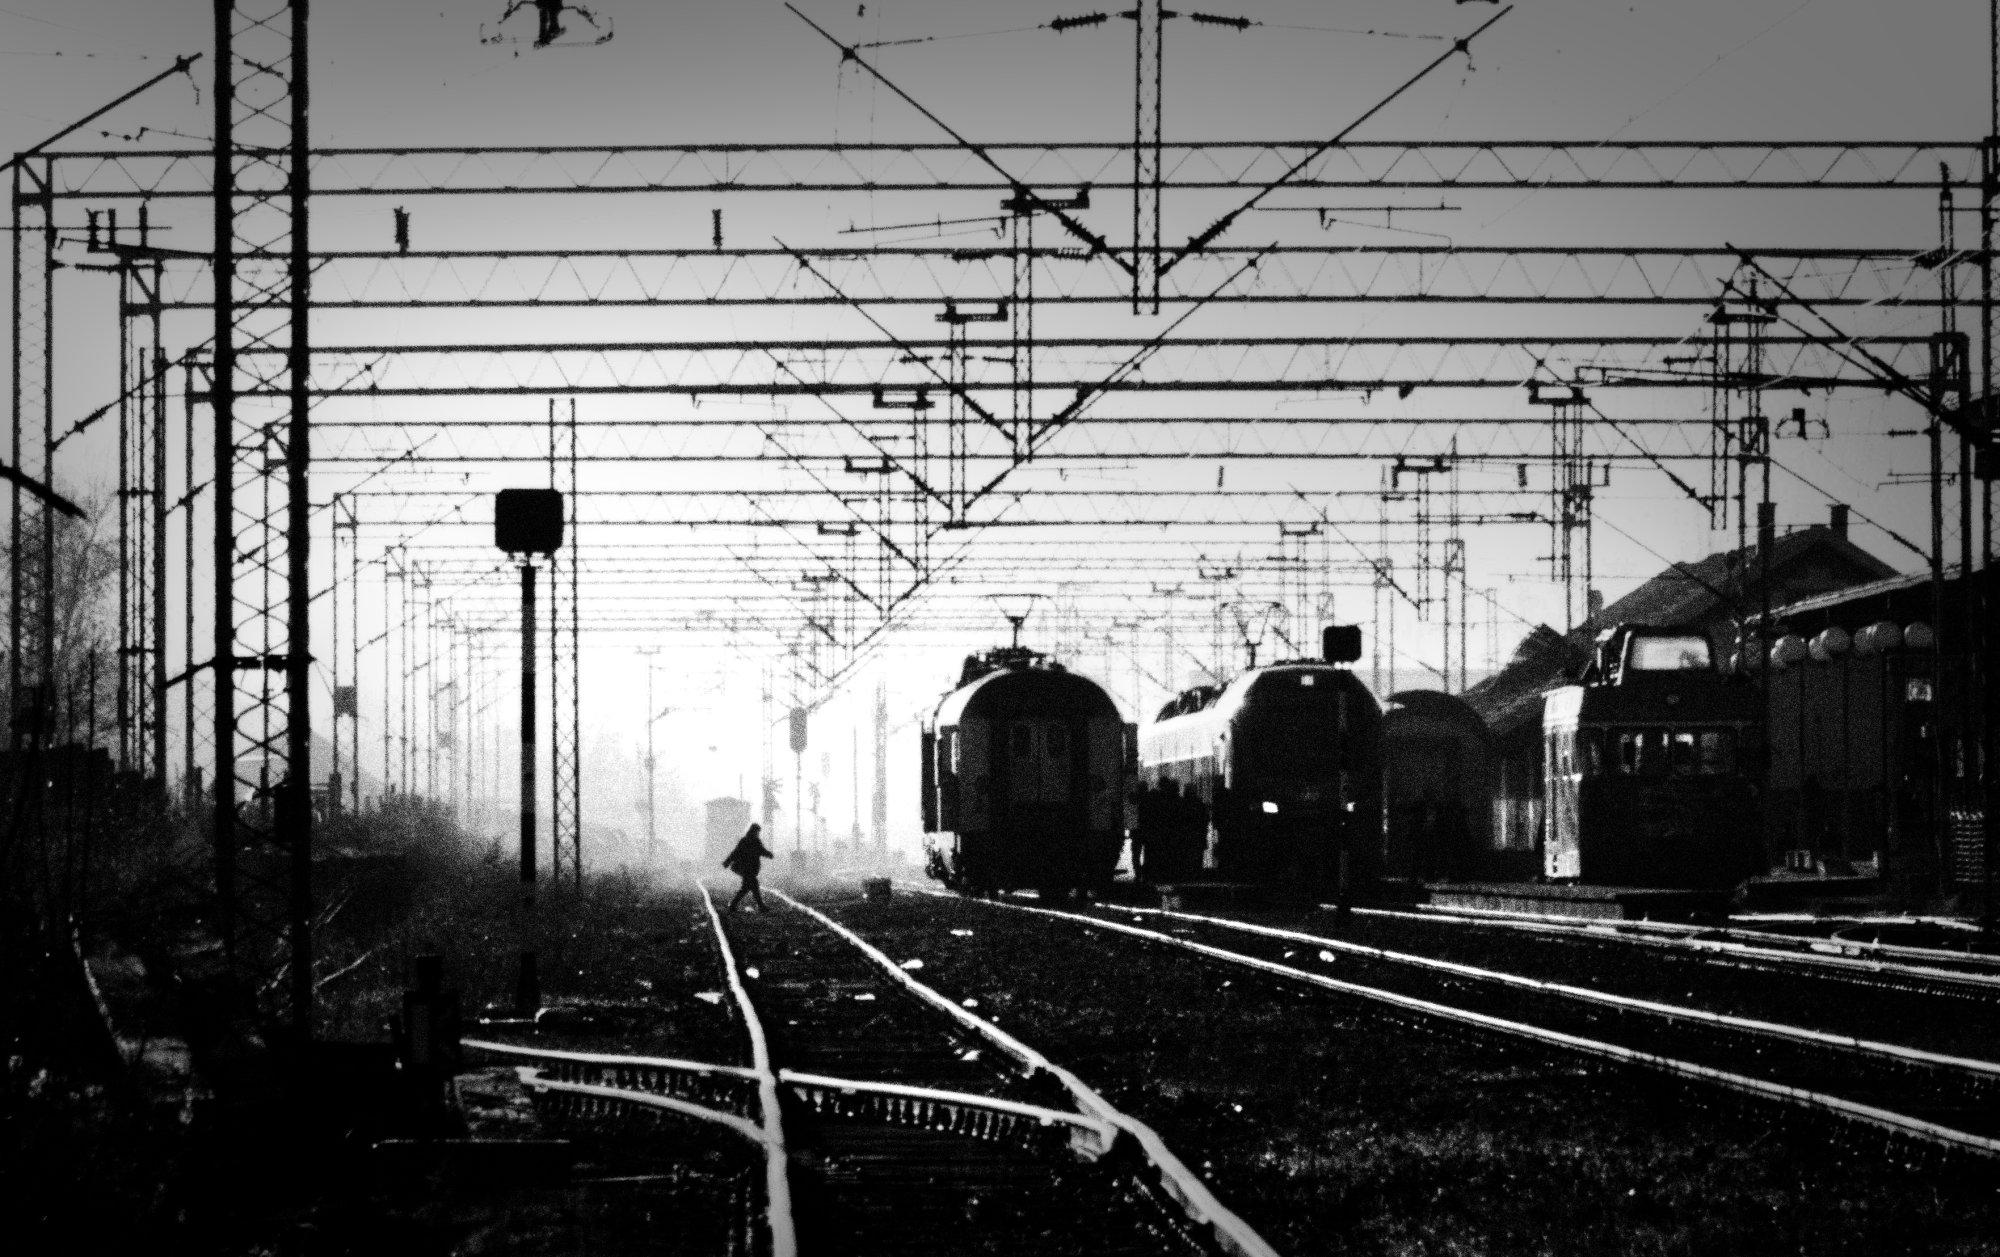 About the railway - XXXII